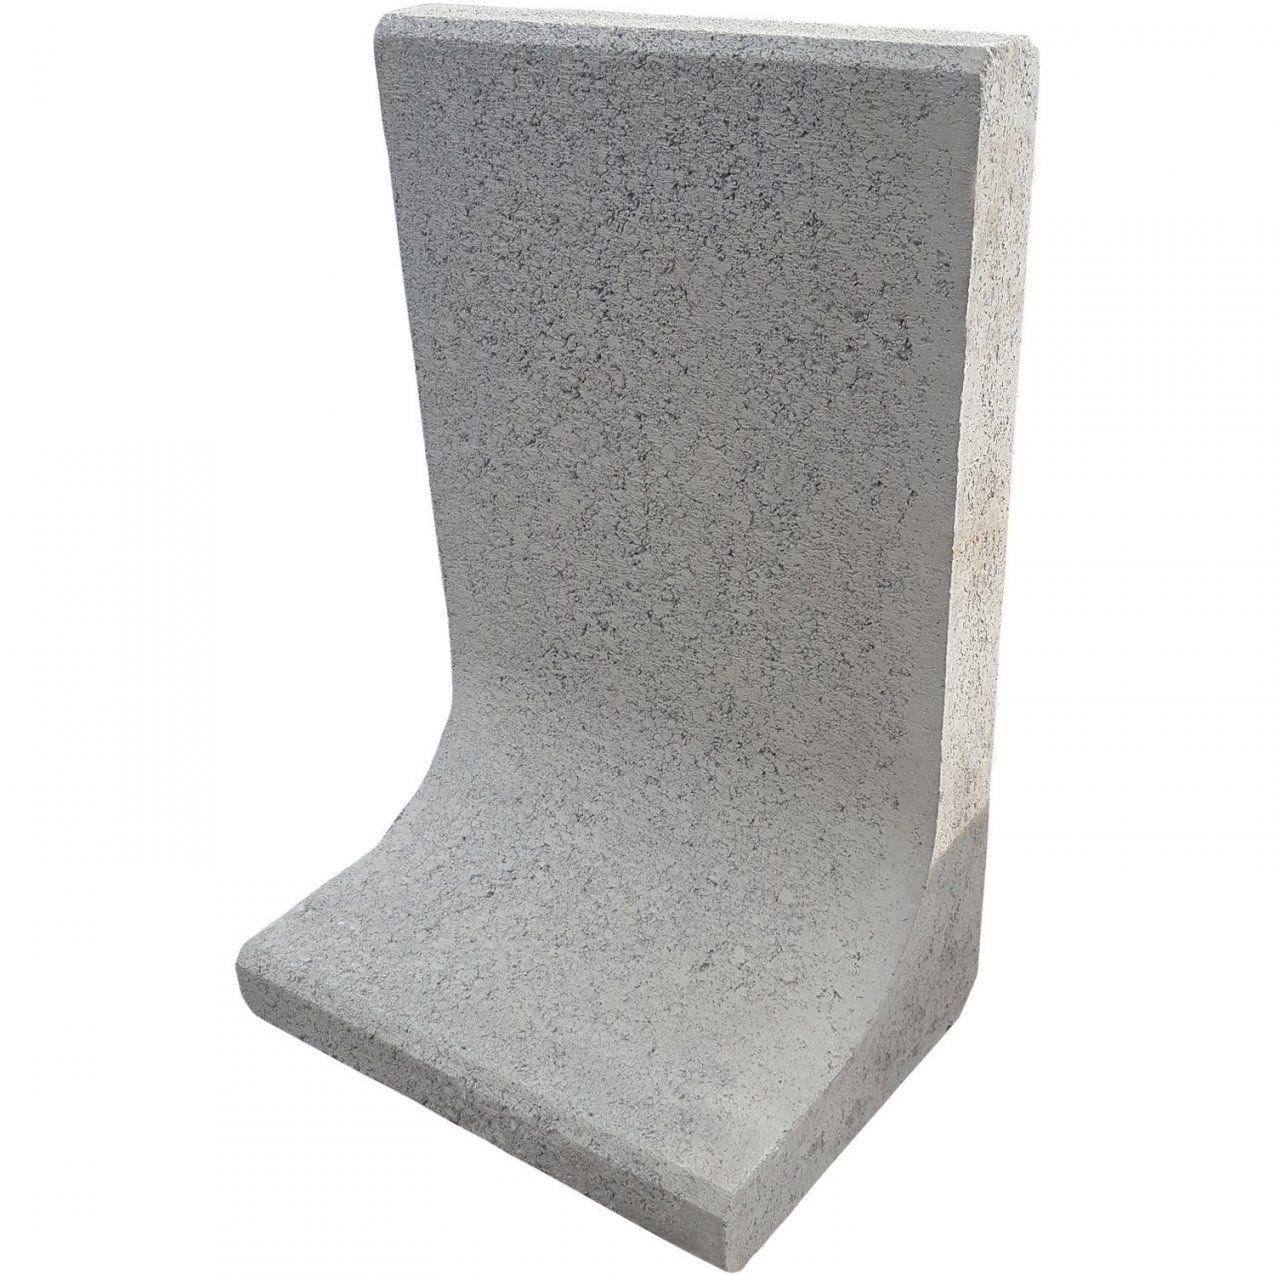 Lstein Unbewehrt Grau 60 Cm X 40 Cm X 30 Cm Kaufen Bei Obi von Beton U Steine Obi Bild